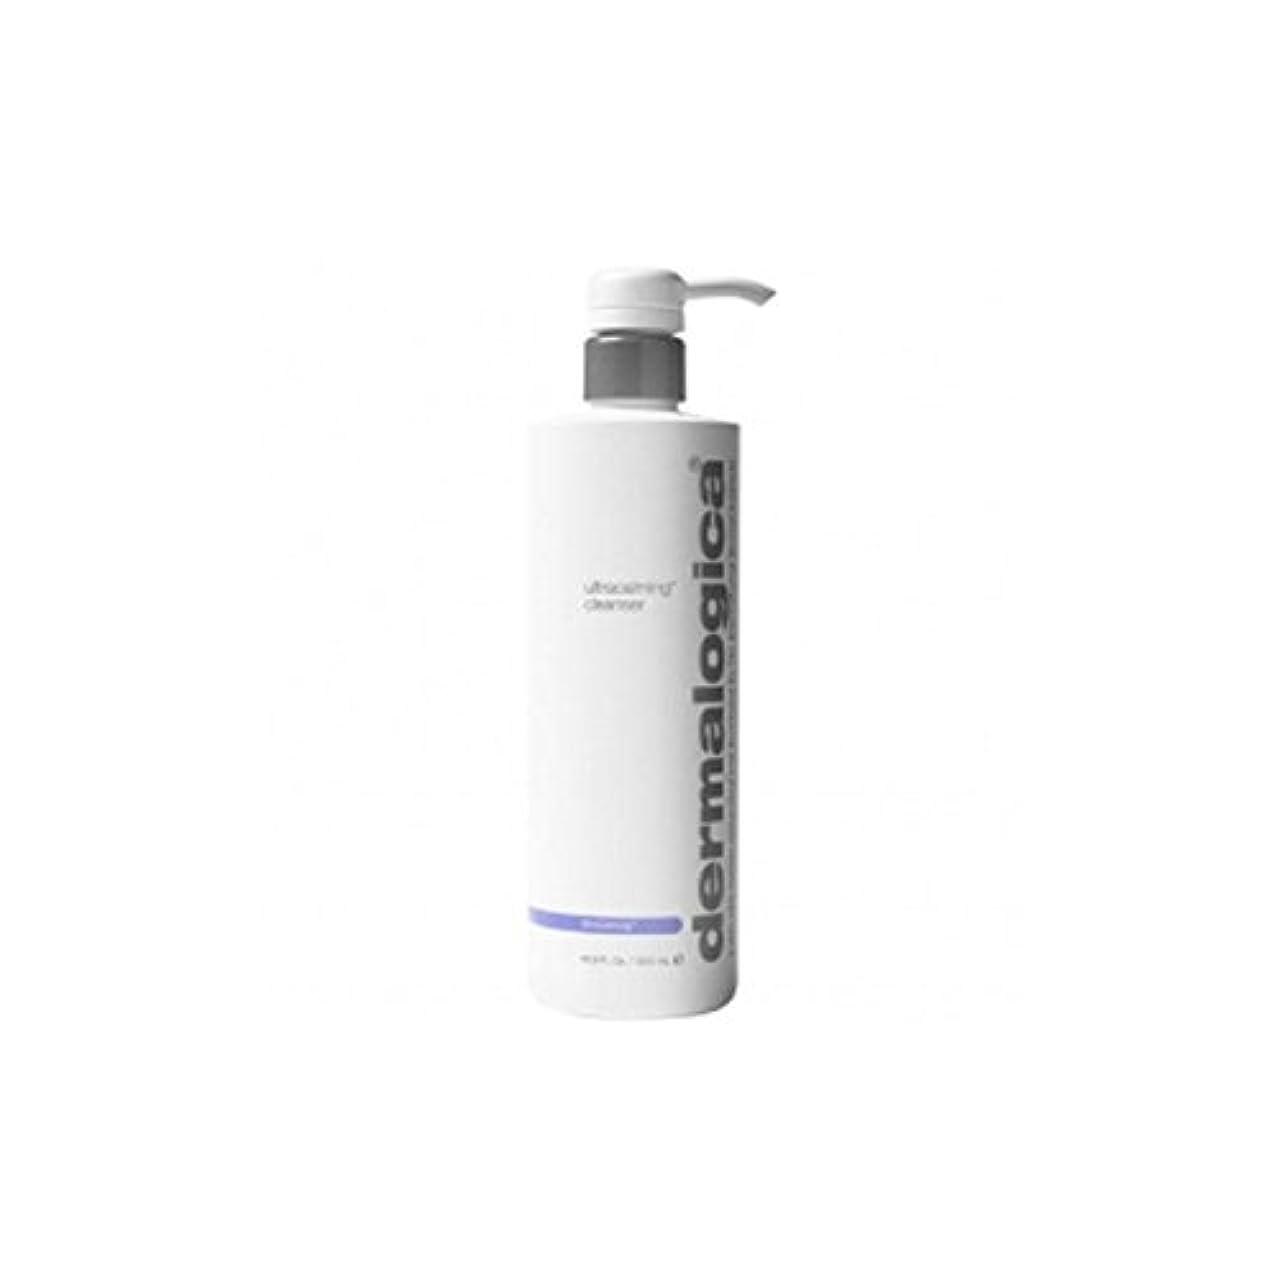 開発テクスチャー単語ダーマロジカクレンザー(500ミリリットル) x4 - Dermalogica Ultracalming Cleanser (500ml) (Pack of 4) [並行輸入品]